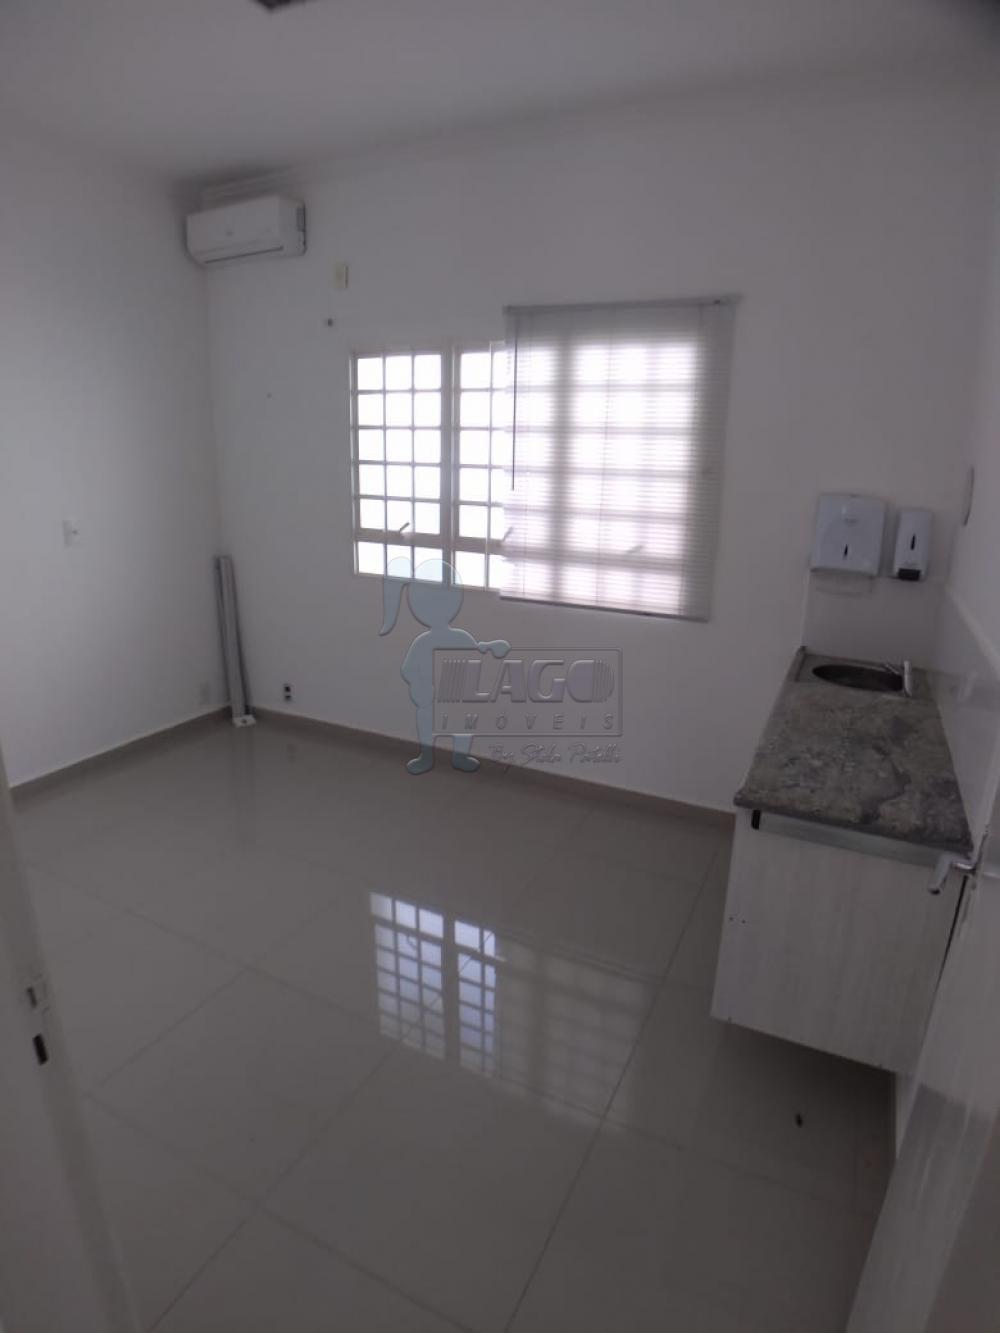 Alugar Comercial / Imóvel Comercial em Ribeirão Preto apenas R$ 3.500,00 - Foto 27